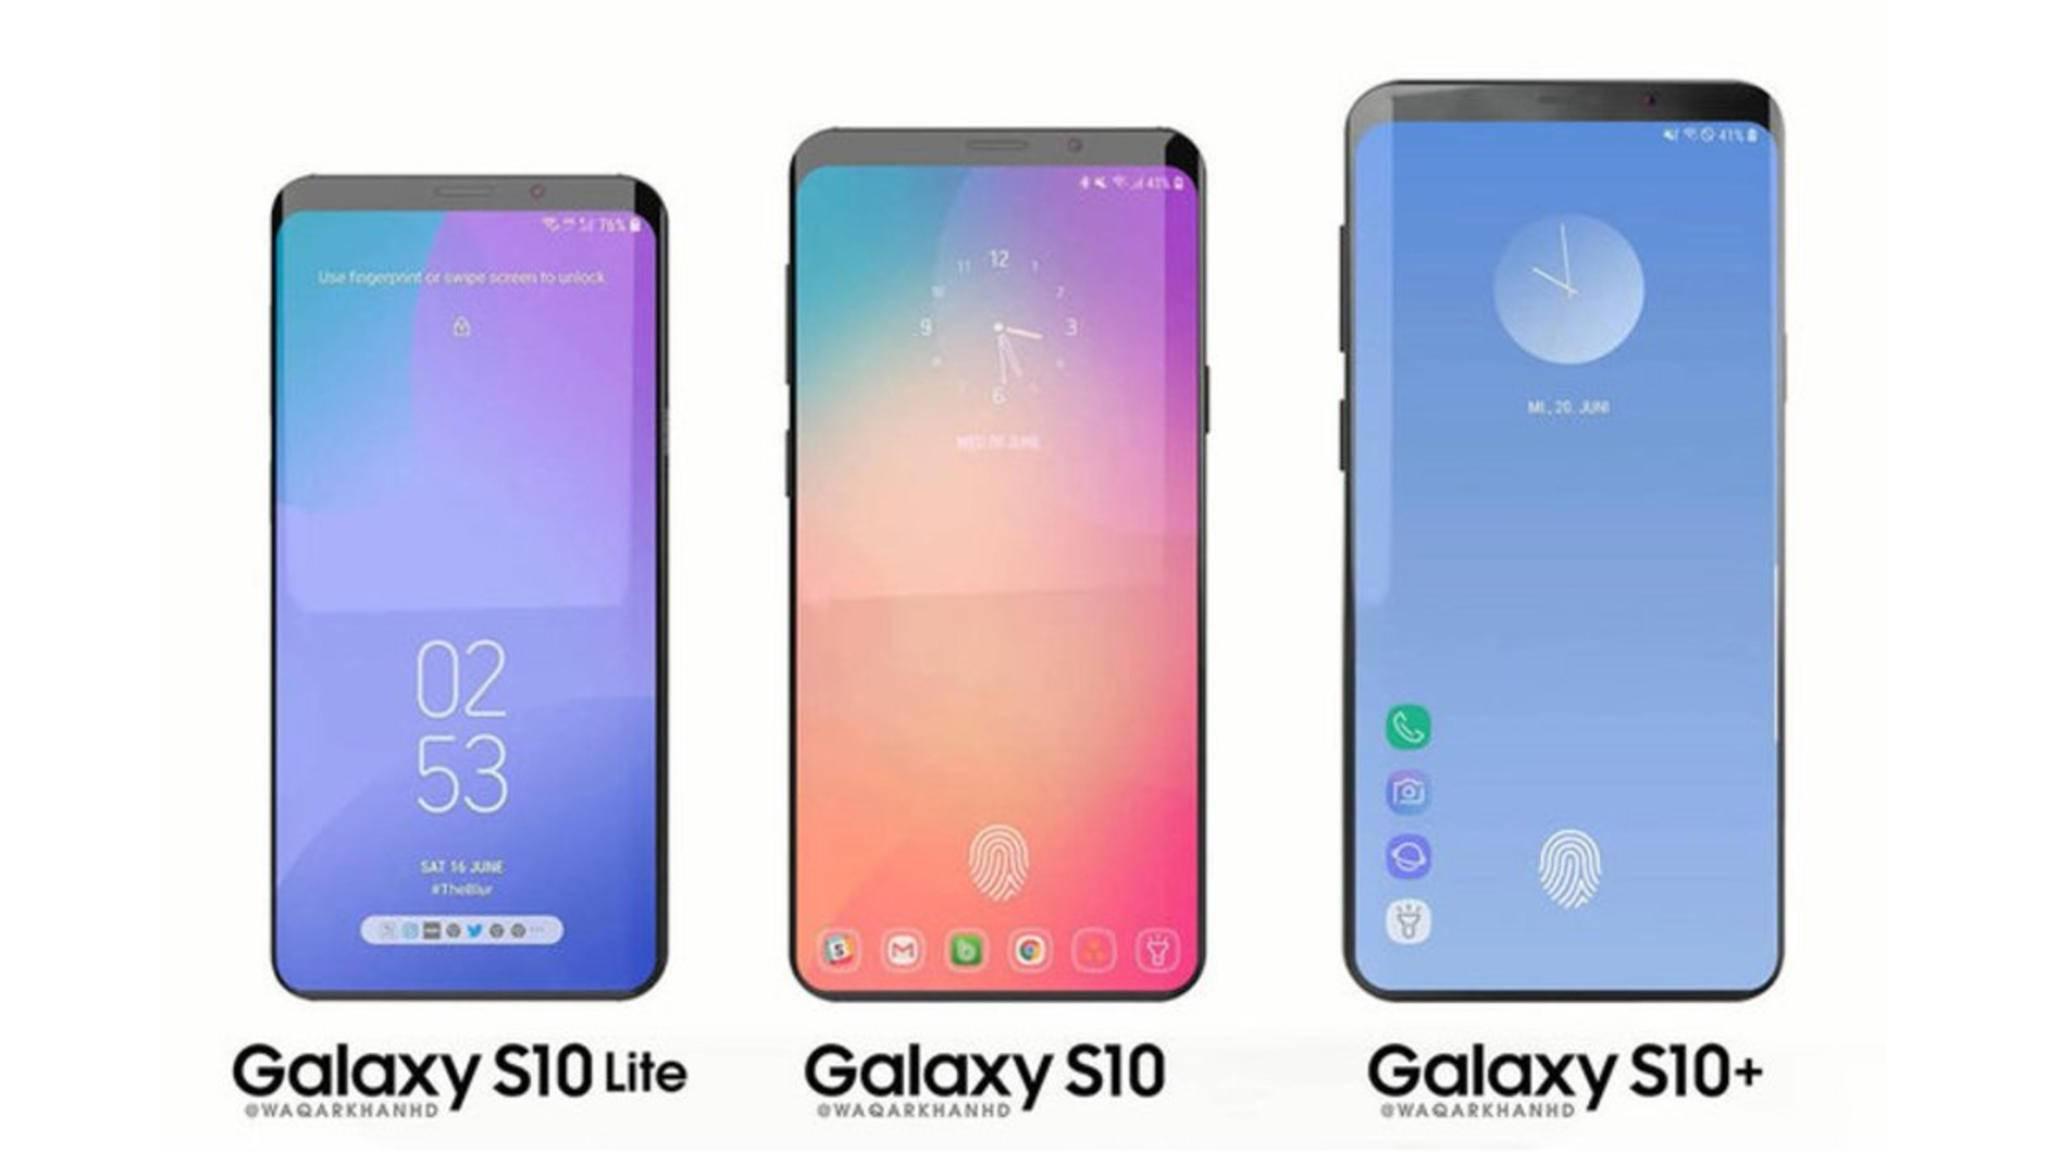 """Samsung sichert sich den Namen """"Rize"""". Kommt eine neue Smartphone-Serie oder erhalten den S10-Modelle ein Rebranding?"""